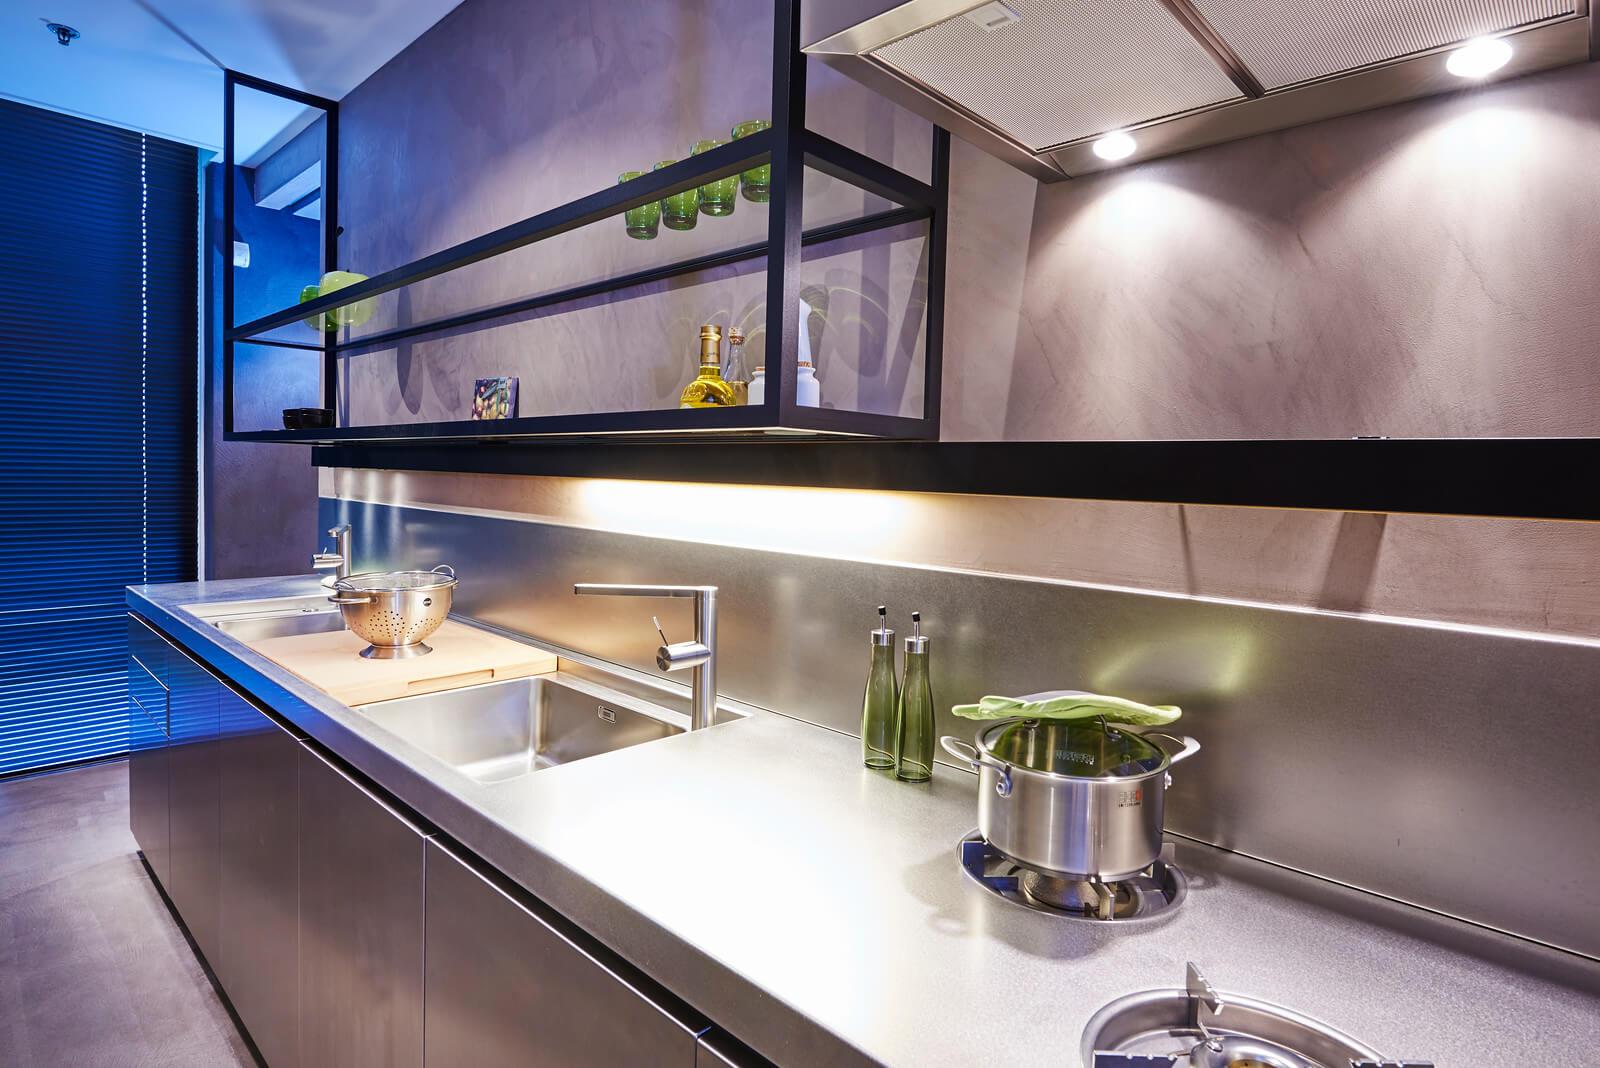 RVS keuken